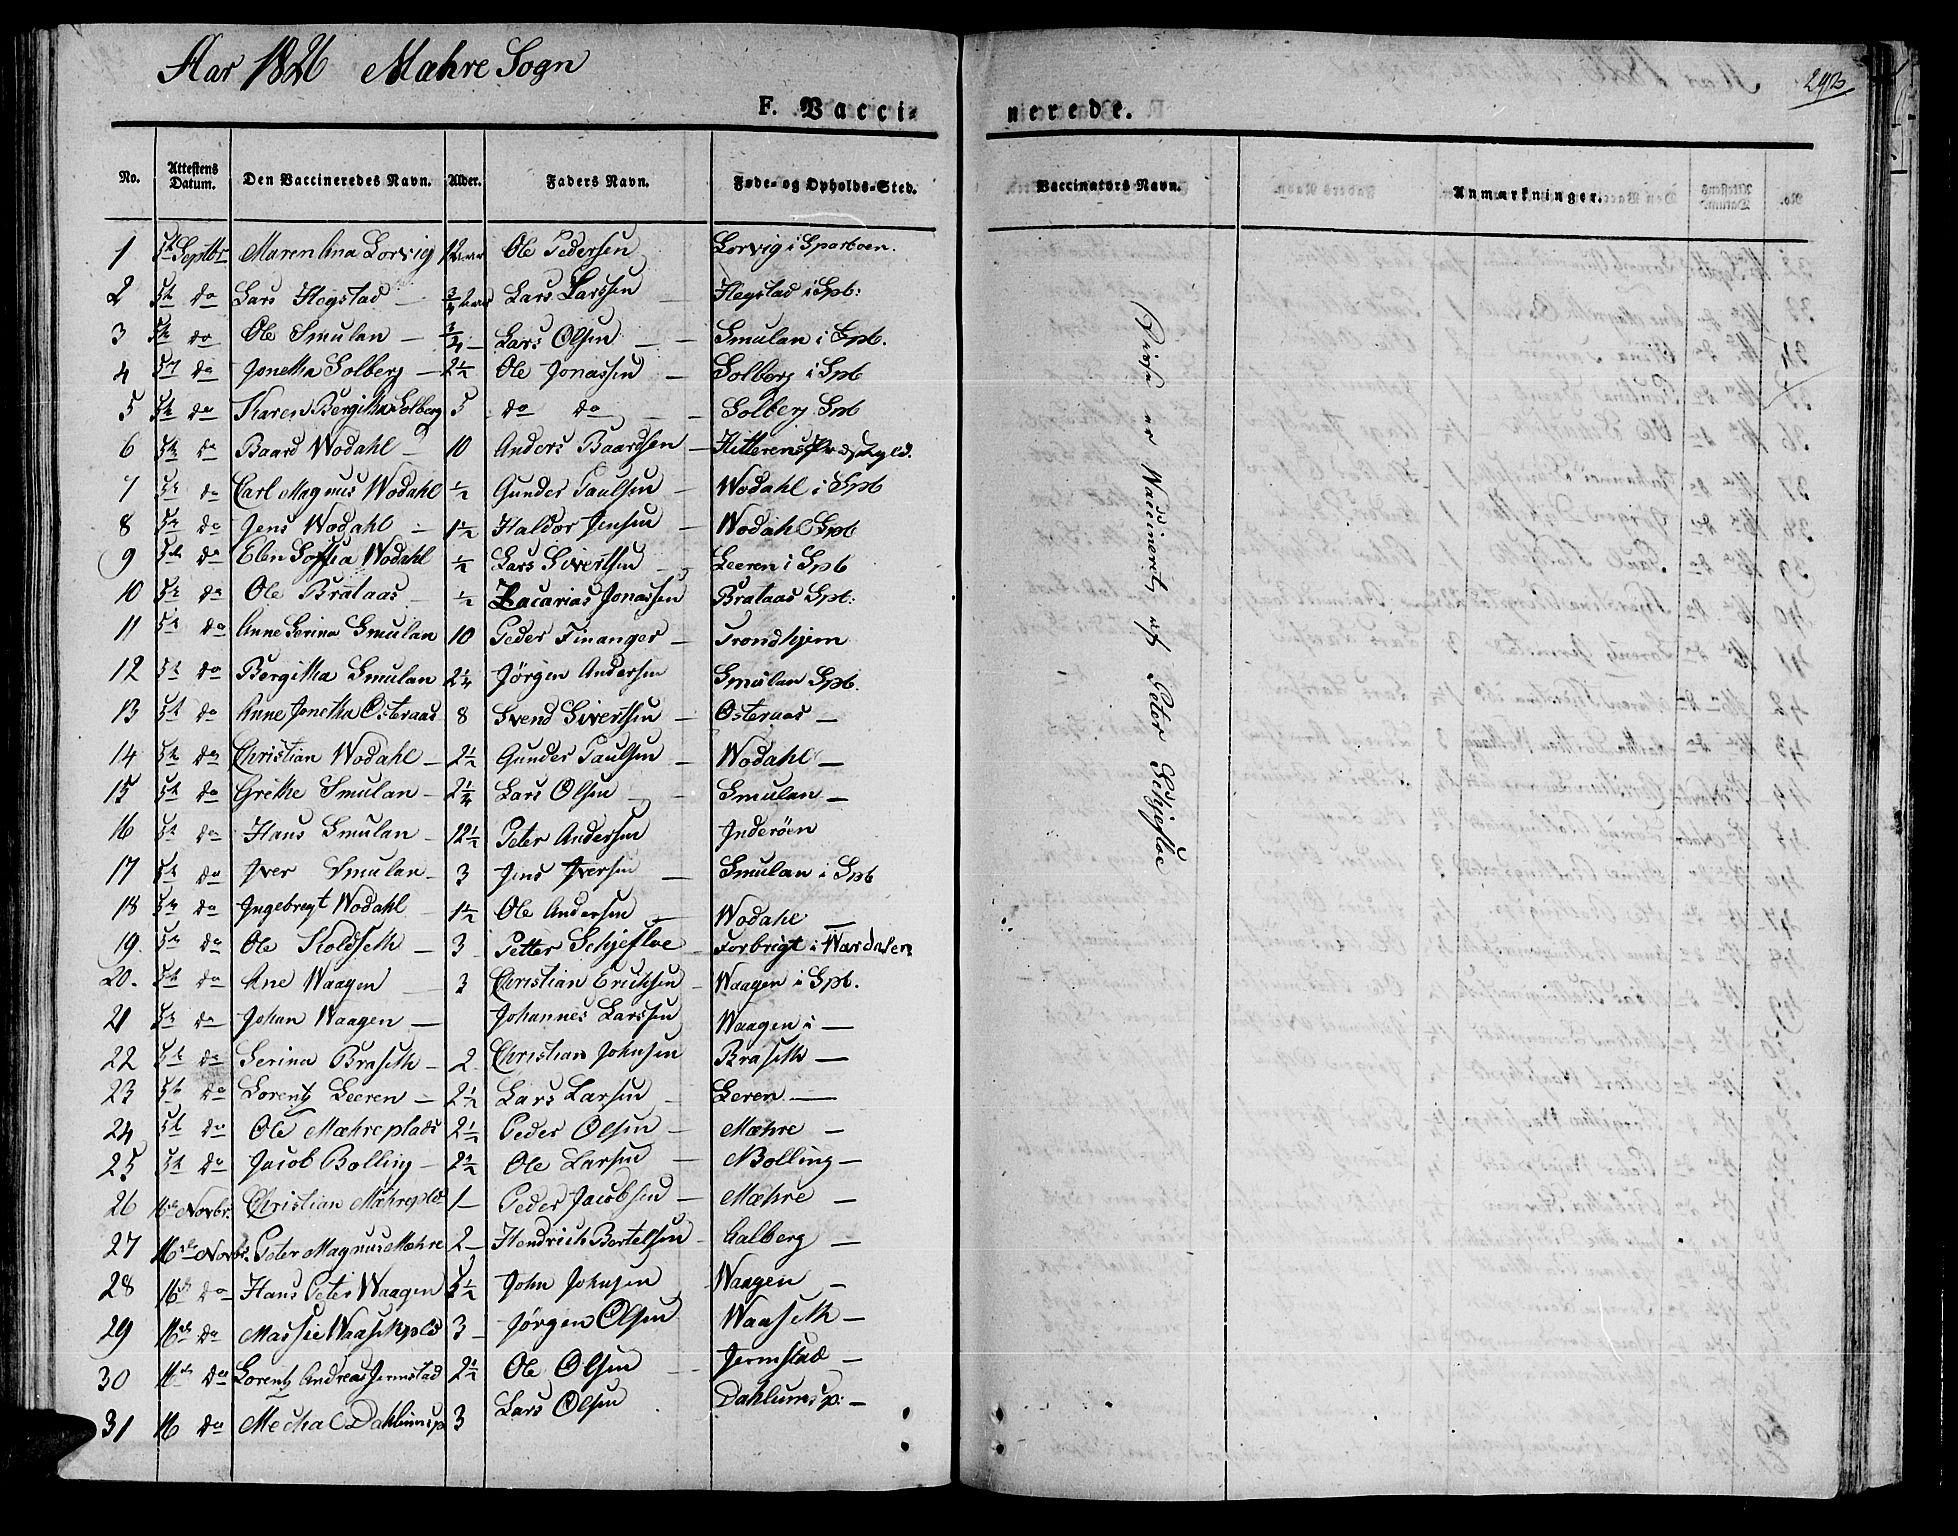 SAT, Ministerialprotokoller, klokkerbøker og fødselsregistre - Nord-Trøndelag, 735/L0336: Ministerialbok nr. 735A05 /1, 1825-1835, s. 292